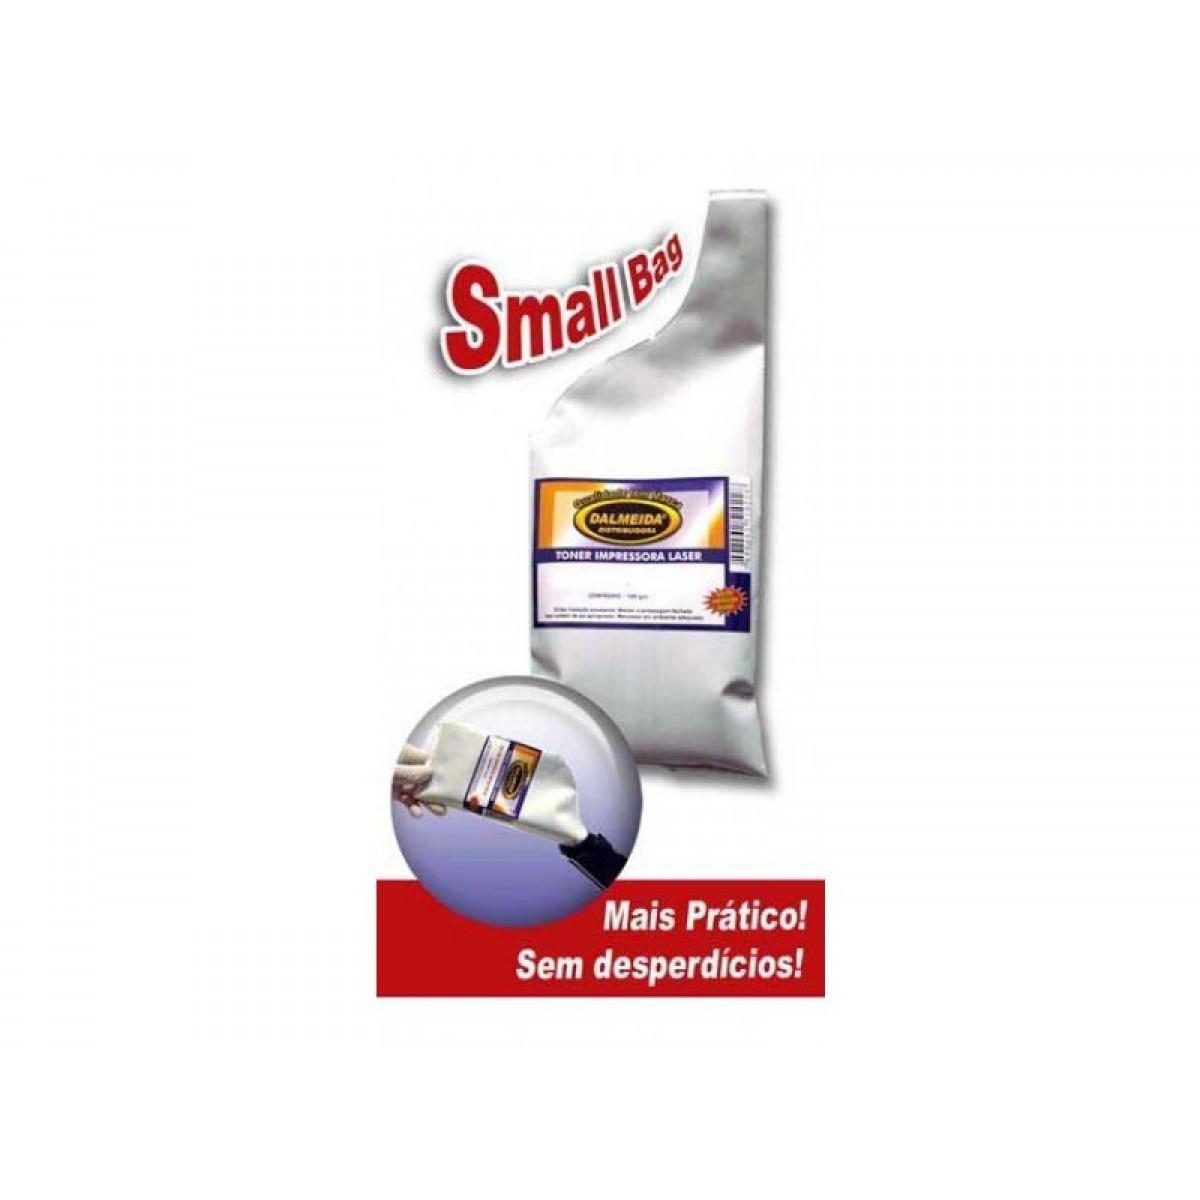 TONER MLT-D101S D101 P/ SAMSUNG ML REFIL SMALL BAG-2165 2160 SCX-3405W 3400 MLT-D111S D111S | M2020 M2020FW M2070 M2070W M2070FW